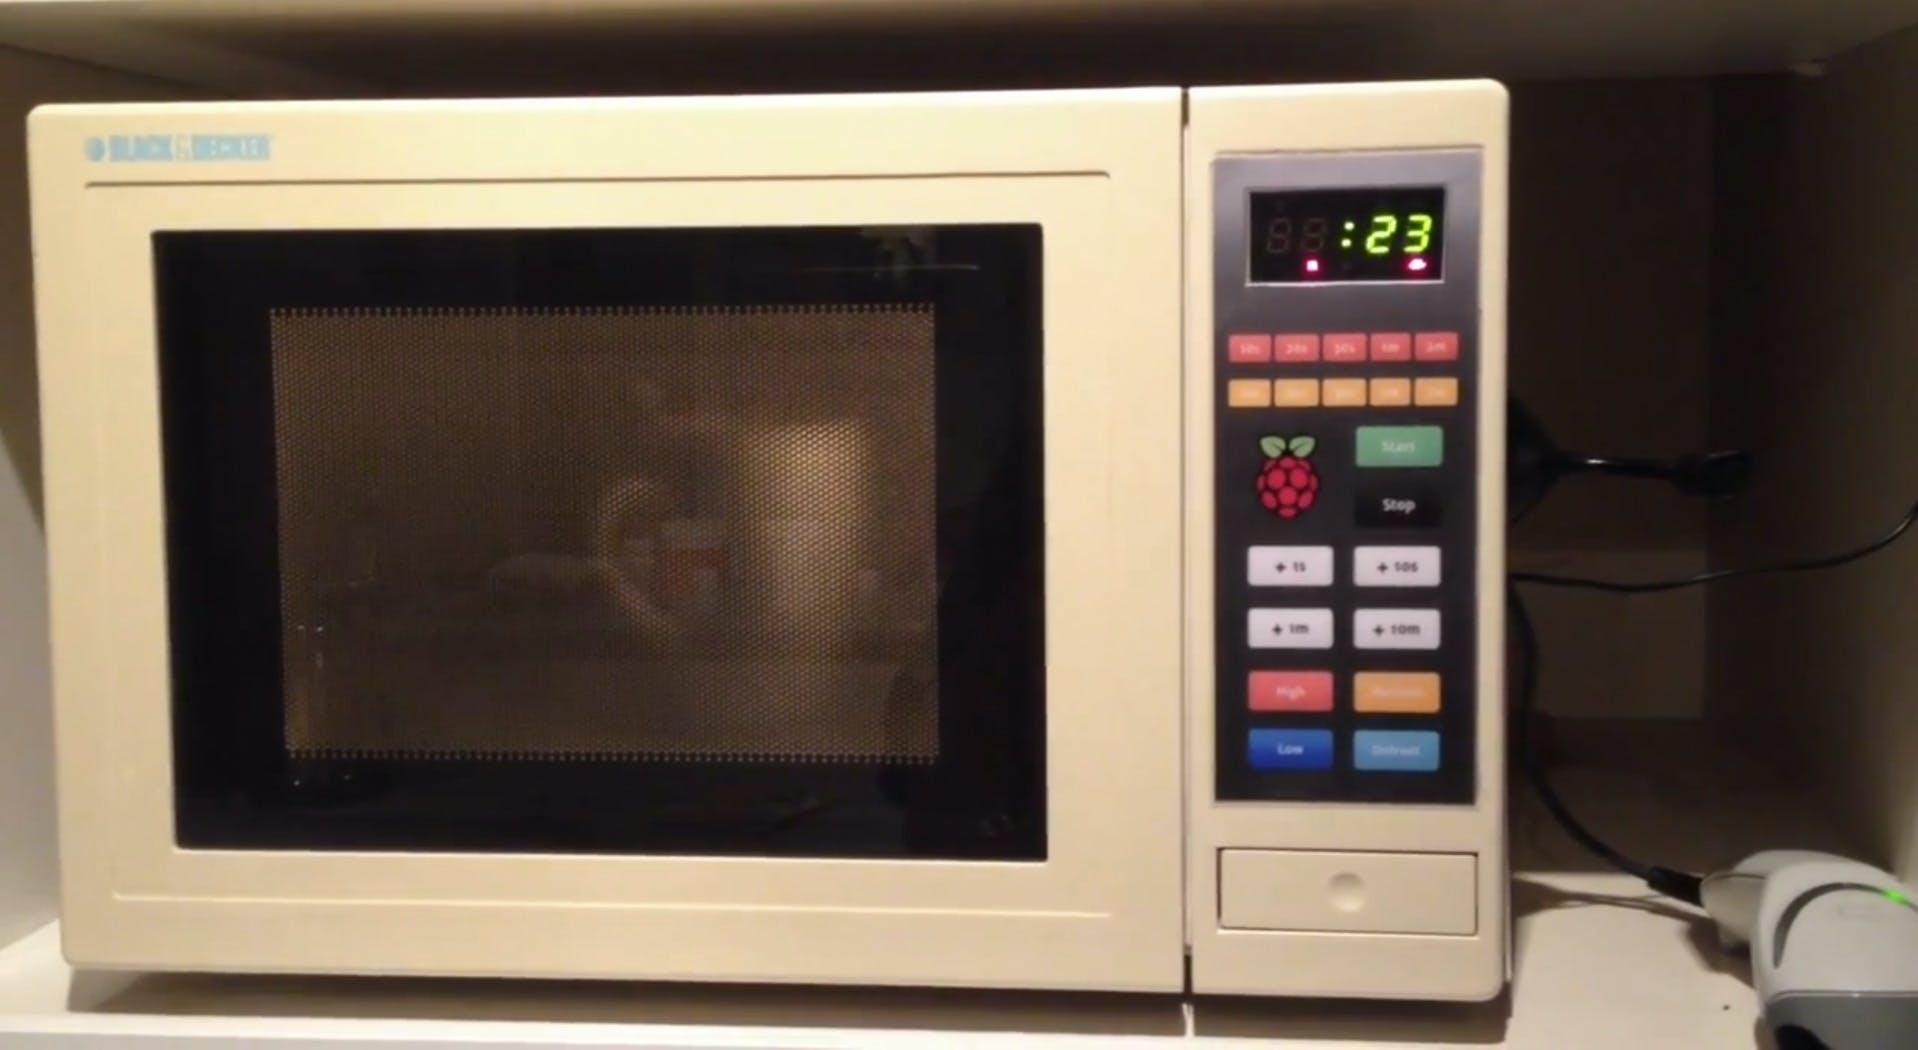 mikrowelle mit raspberry pi gepimpt sprachsteuerung web interface und barcode scanner t3n. Black Bedroom Furniture Sets. Home Design Ideas